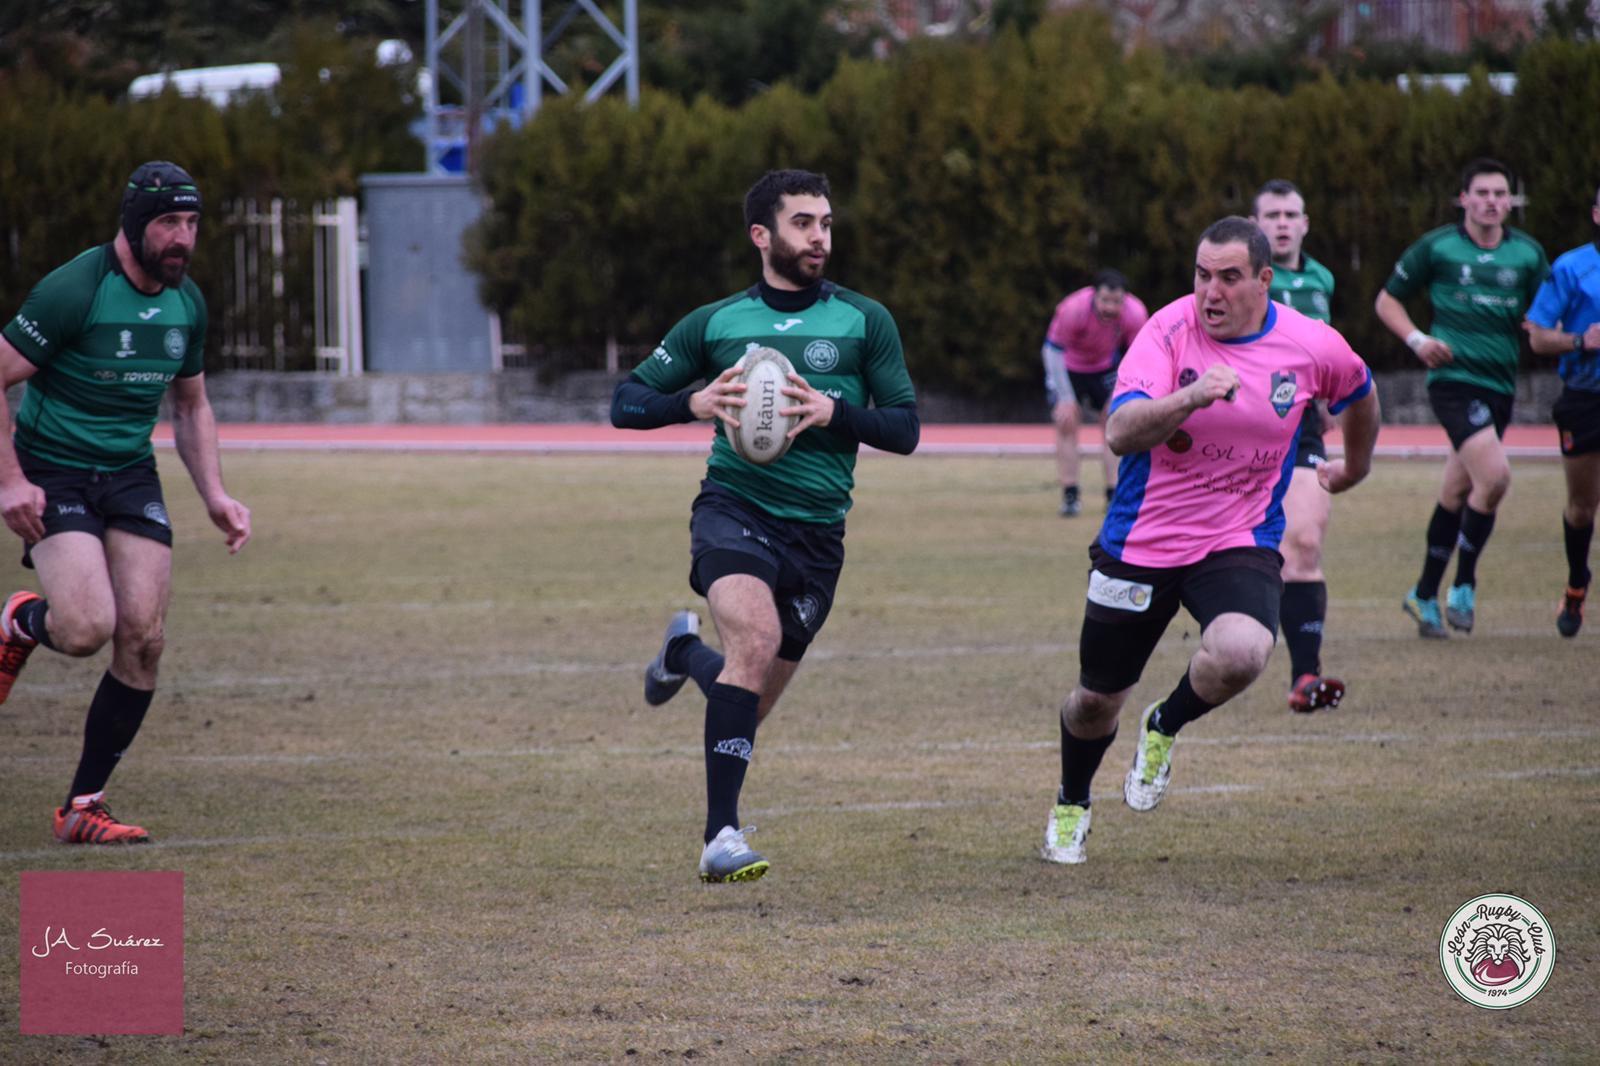 ULE Toyota León Rugby Club